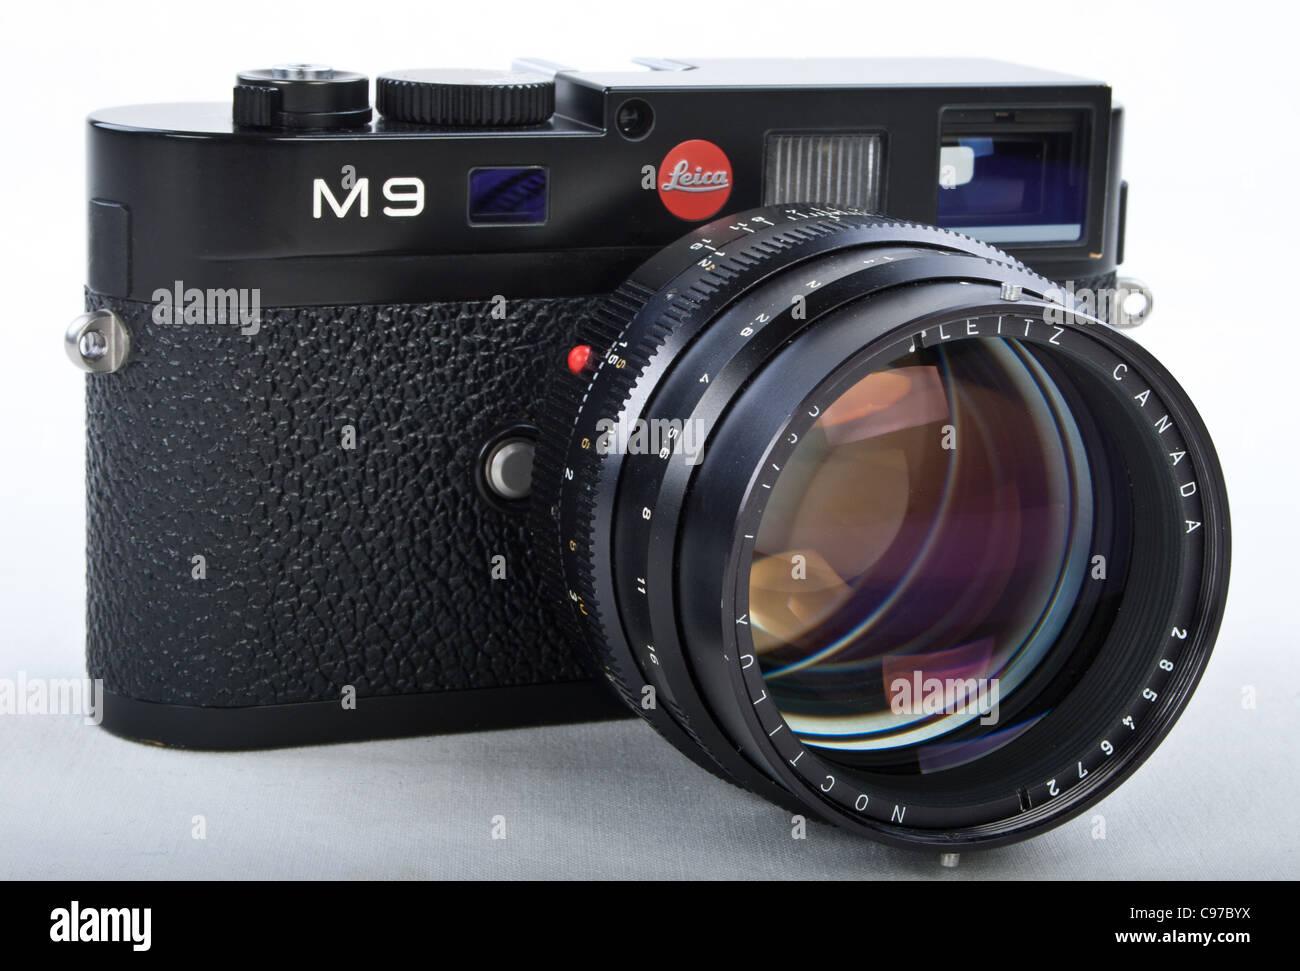 Leica m digital entfernungsmesser kameragehäuse mit noctilux f